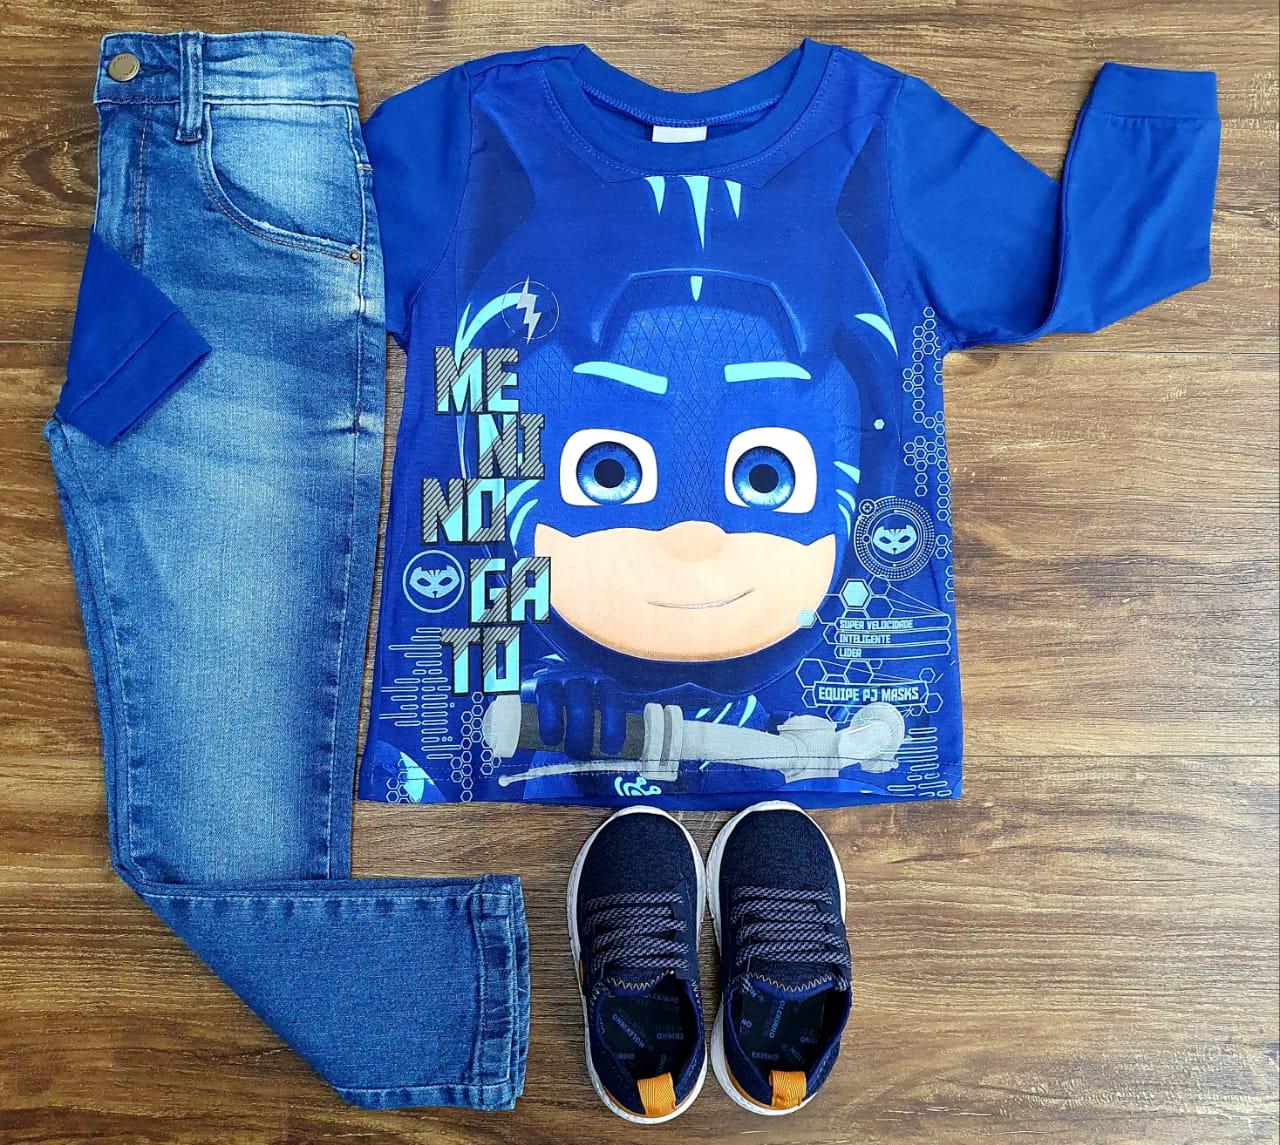 Calça Jeans com Camiseta PJ Masks Azul